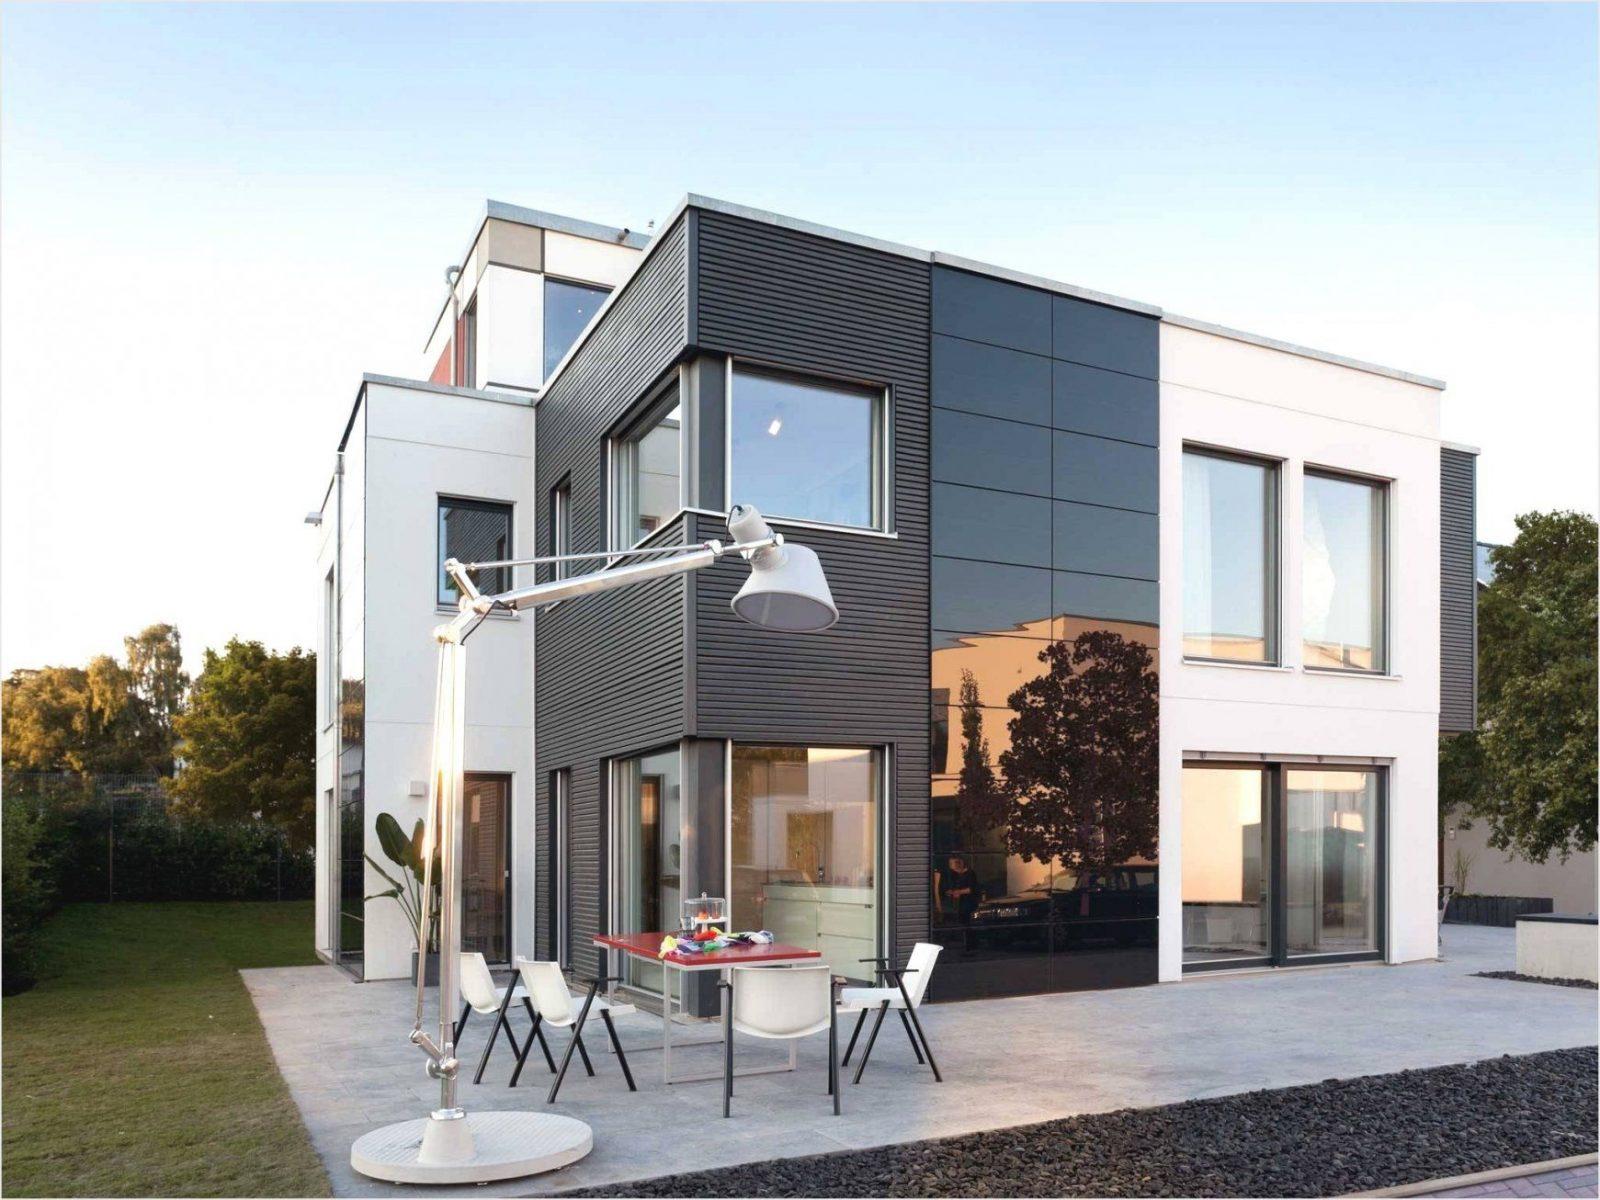 aufstockung haus cheap anbau haus kosten new beautiful kosten aufstockung haus ideas with. Black Bedroom Furniture Sets. Home Design Ideas